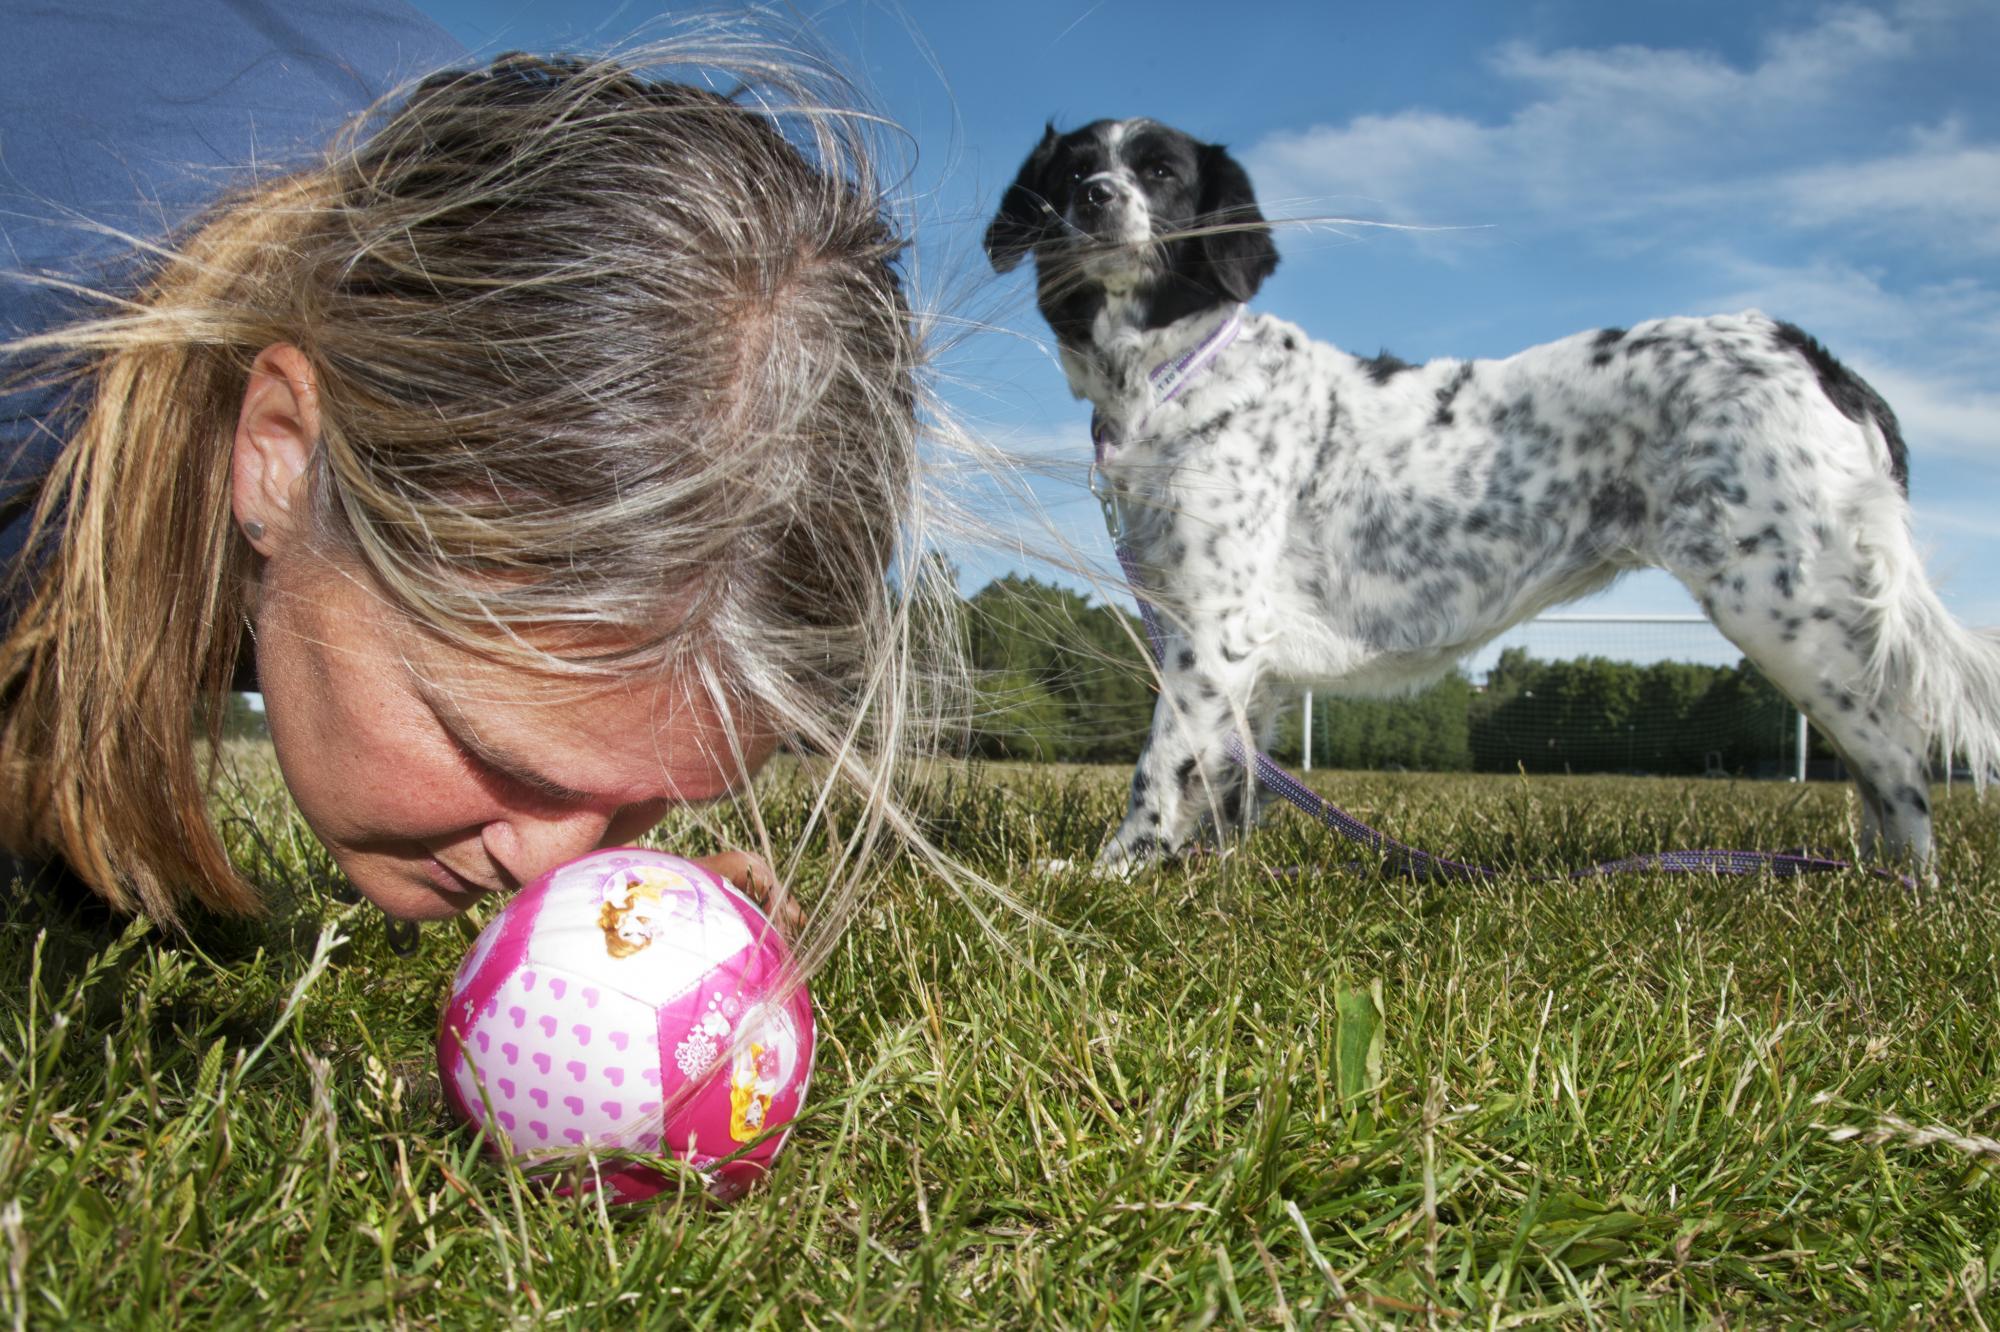 Linda Bodin har jobbat som hundinstruktör på heltid under 20 års tid. Hon har tidigare varit anställd, men driver nu eget. Linda har utbildat sig i \